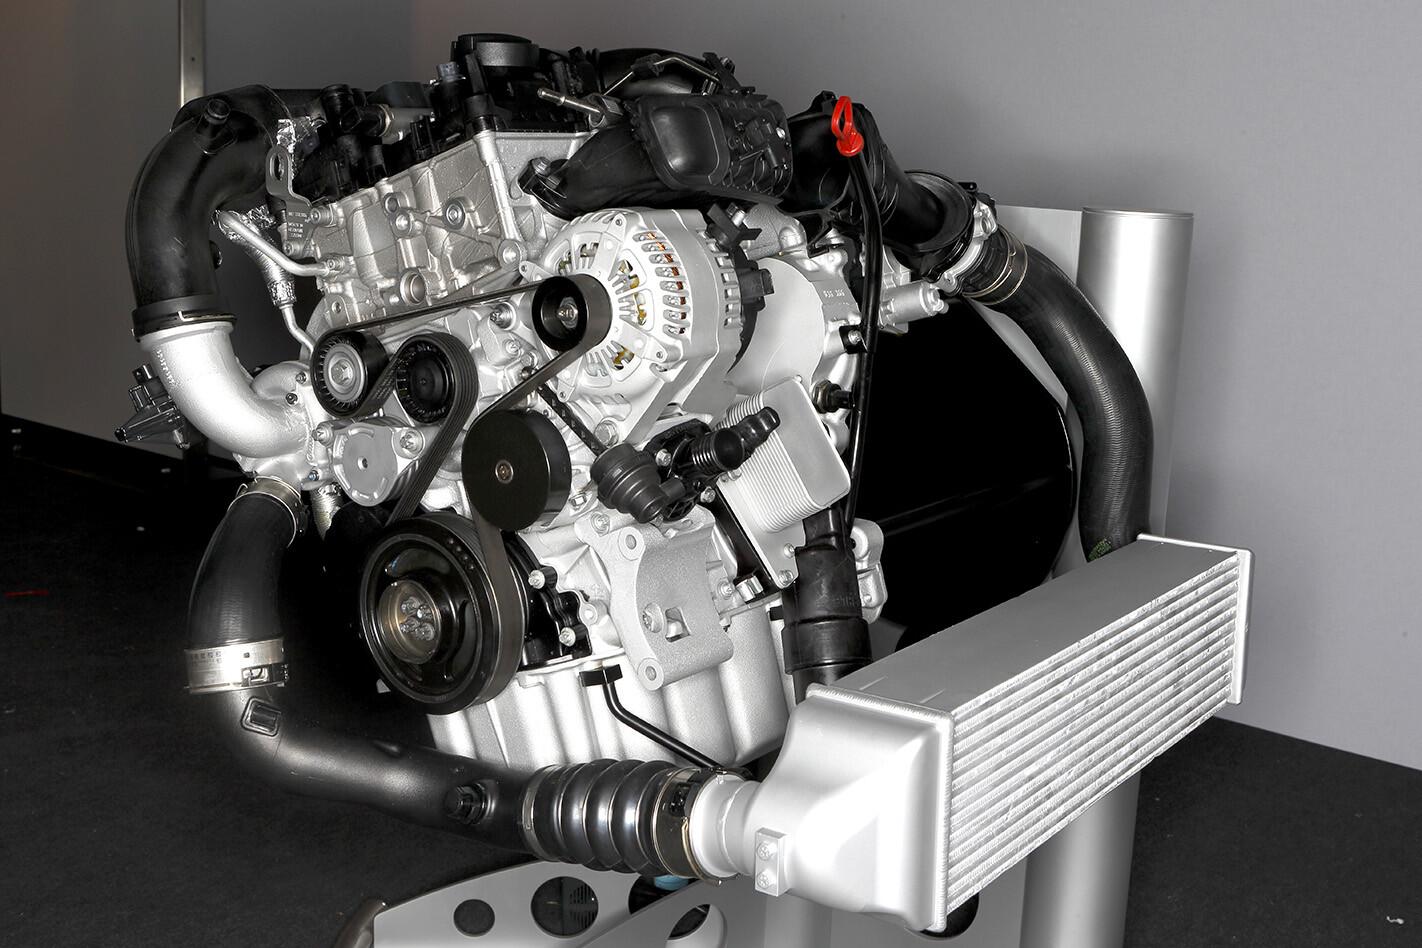 BMW twinpower 3 cylinder engine